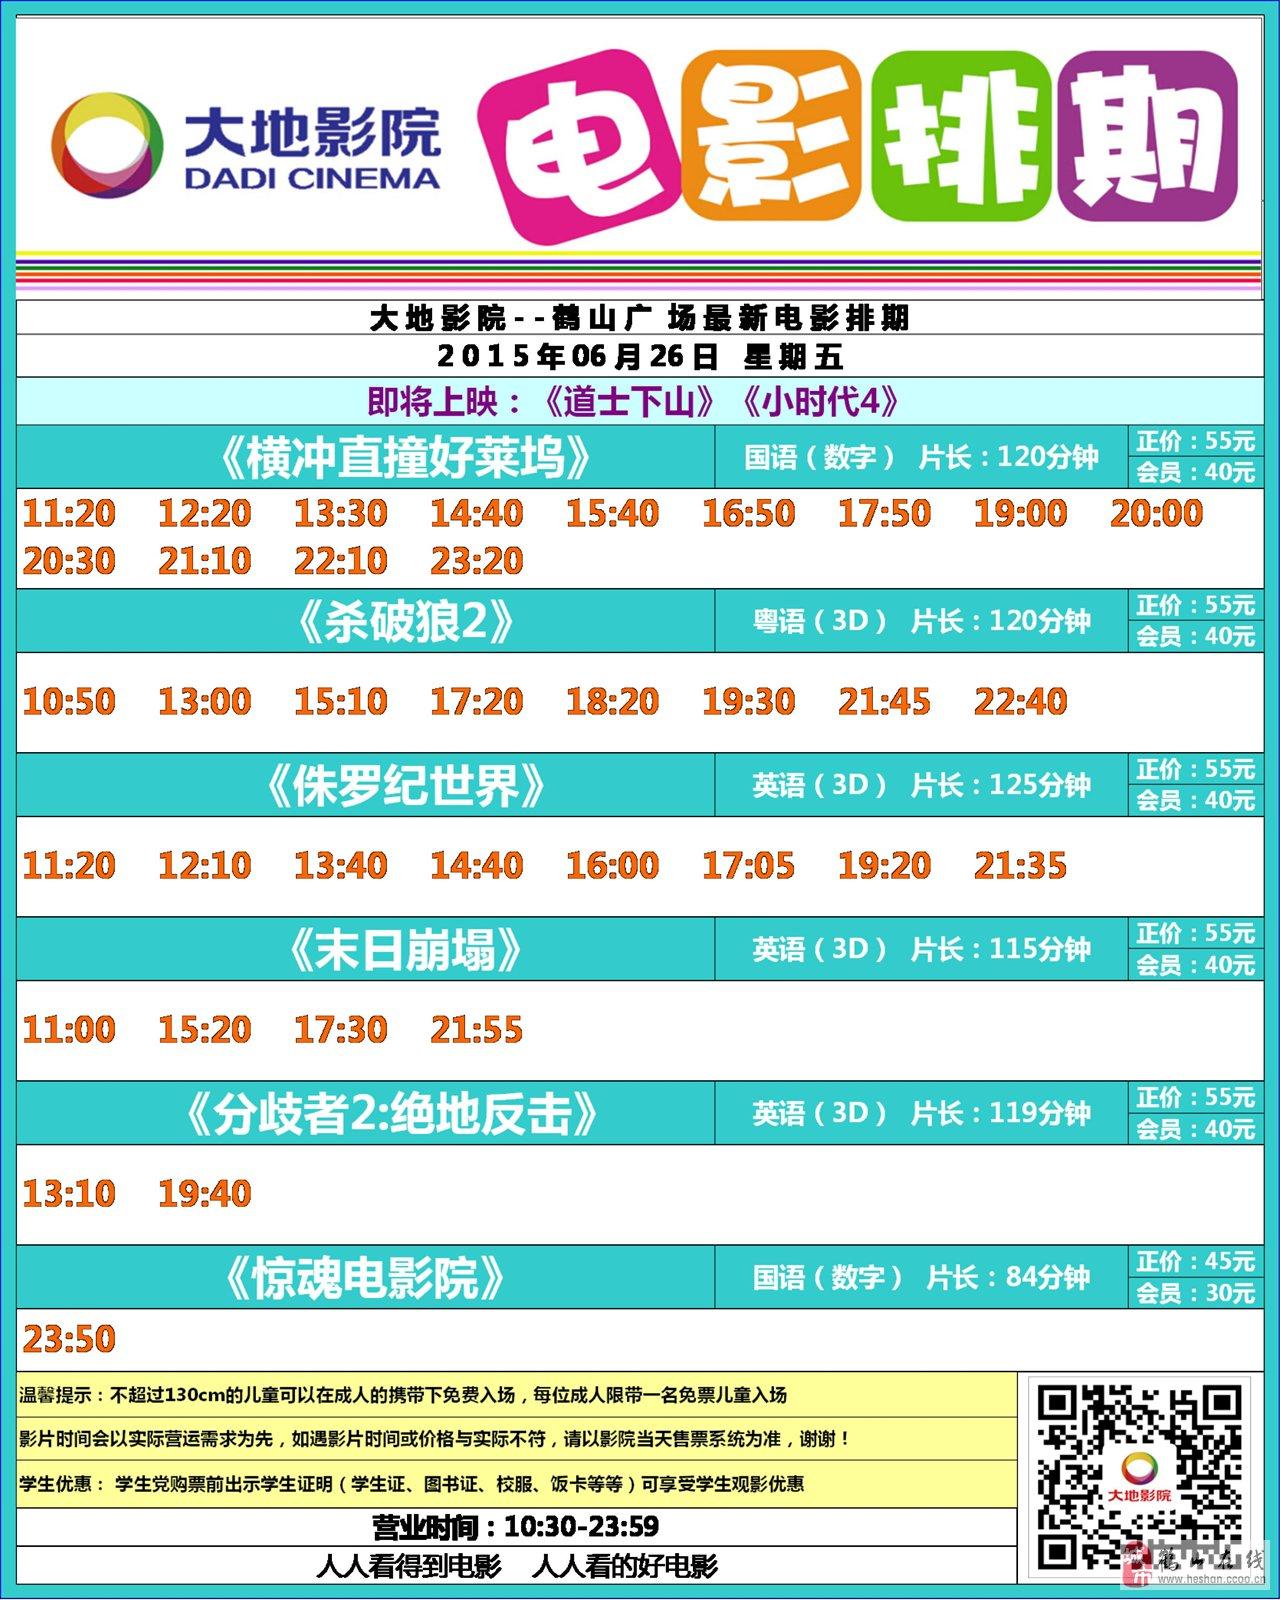 【每日排期】大地影院-鹤山广场 2017年6月03日(星期六)_突袭搞笑